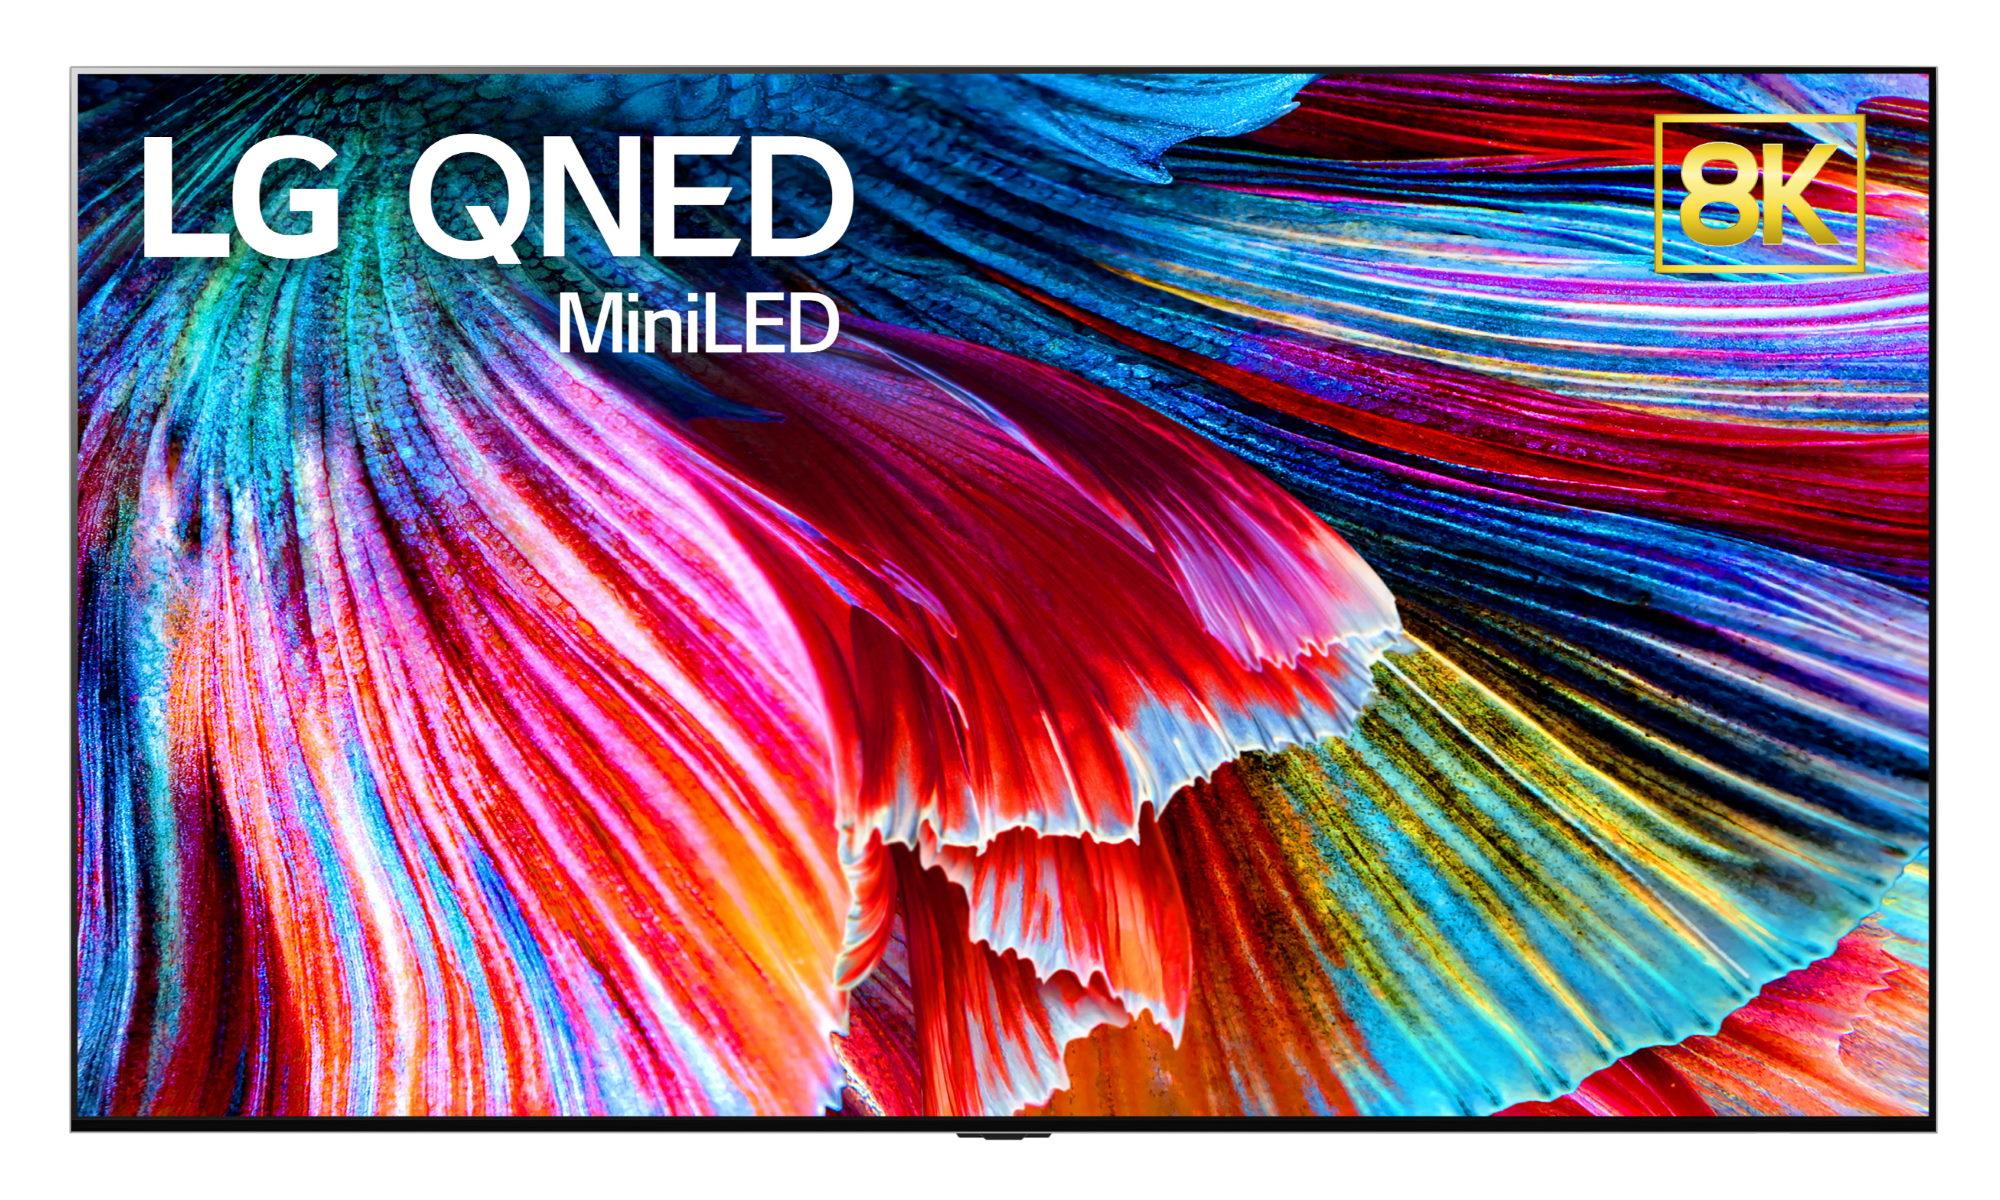 LG QNED Mini LED TV